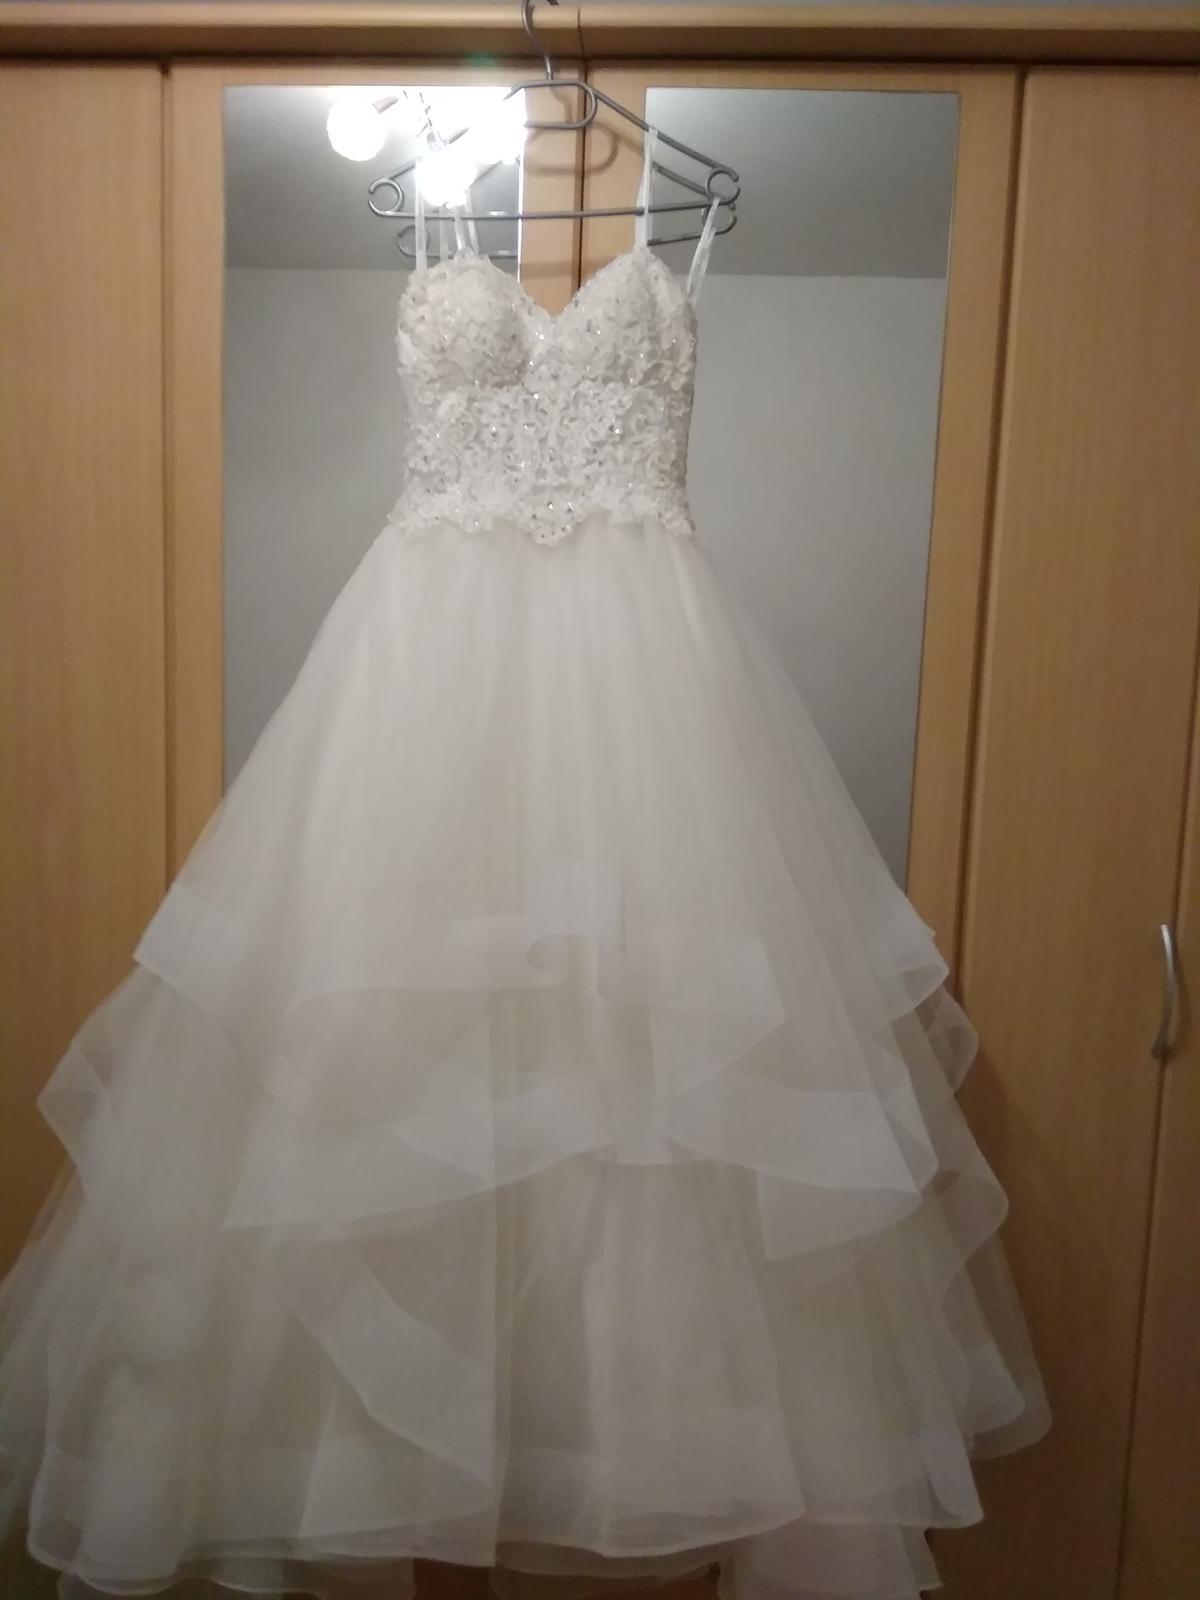 nádherné značkové svatební šaty Mori Lee 36-38, 40-42 - Obrázek č. 4